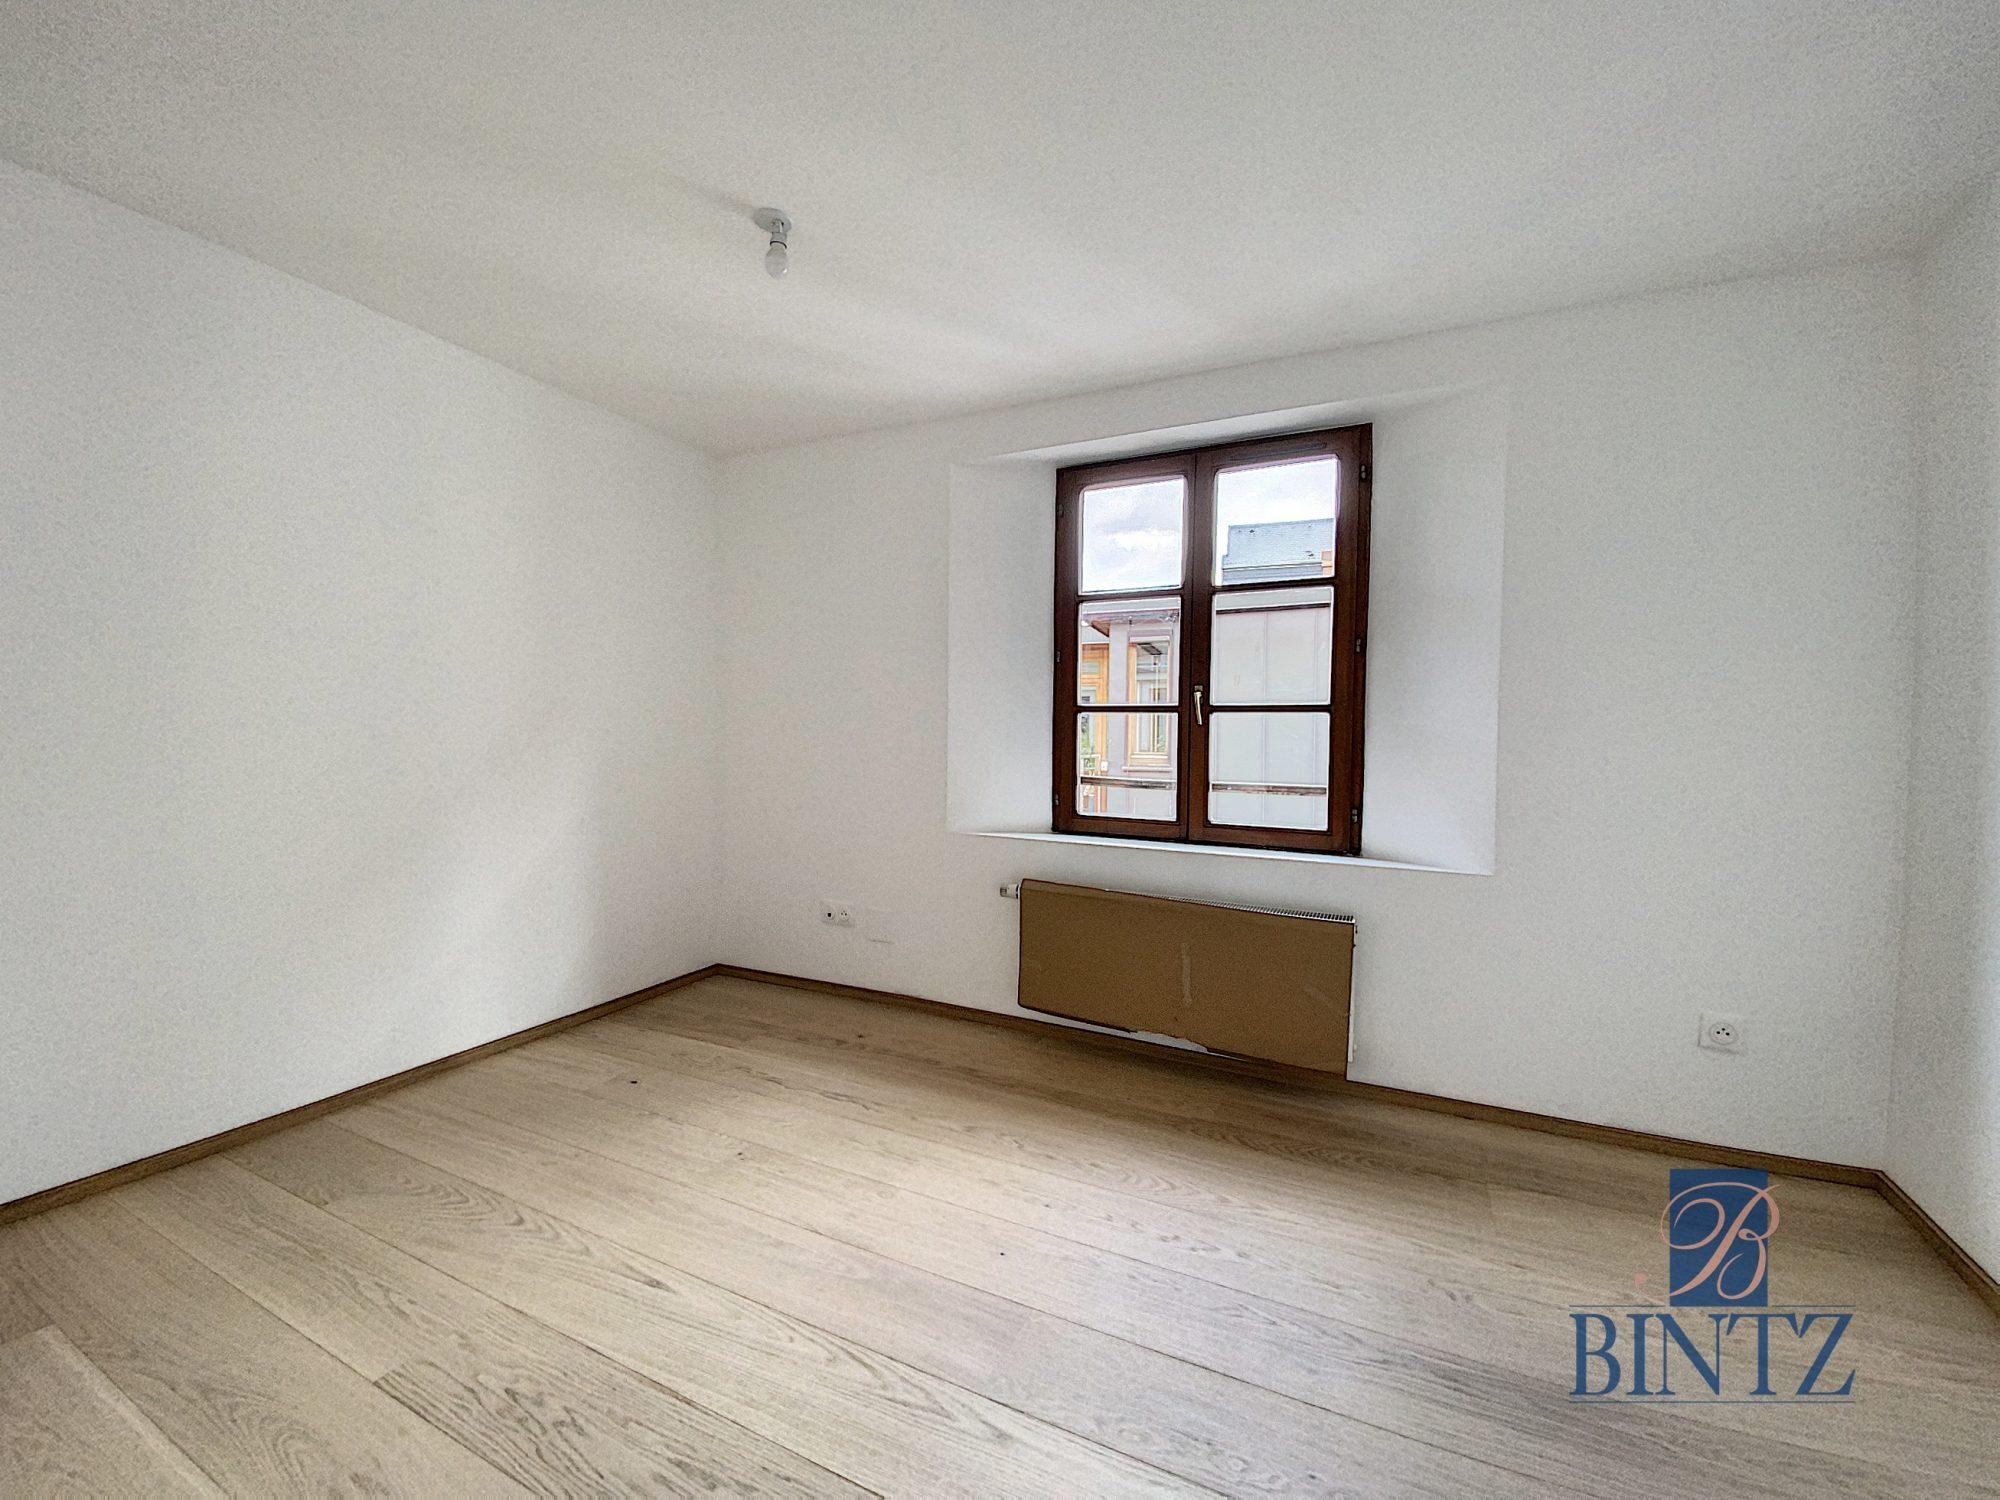 4 pièces refait à neuf quartier Gare - Devenez locataire en toute sérénité - Bintz Immobilier - 10